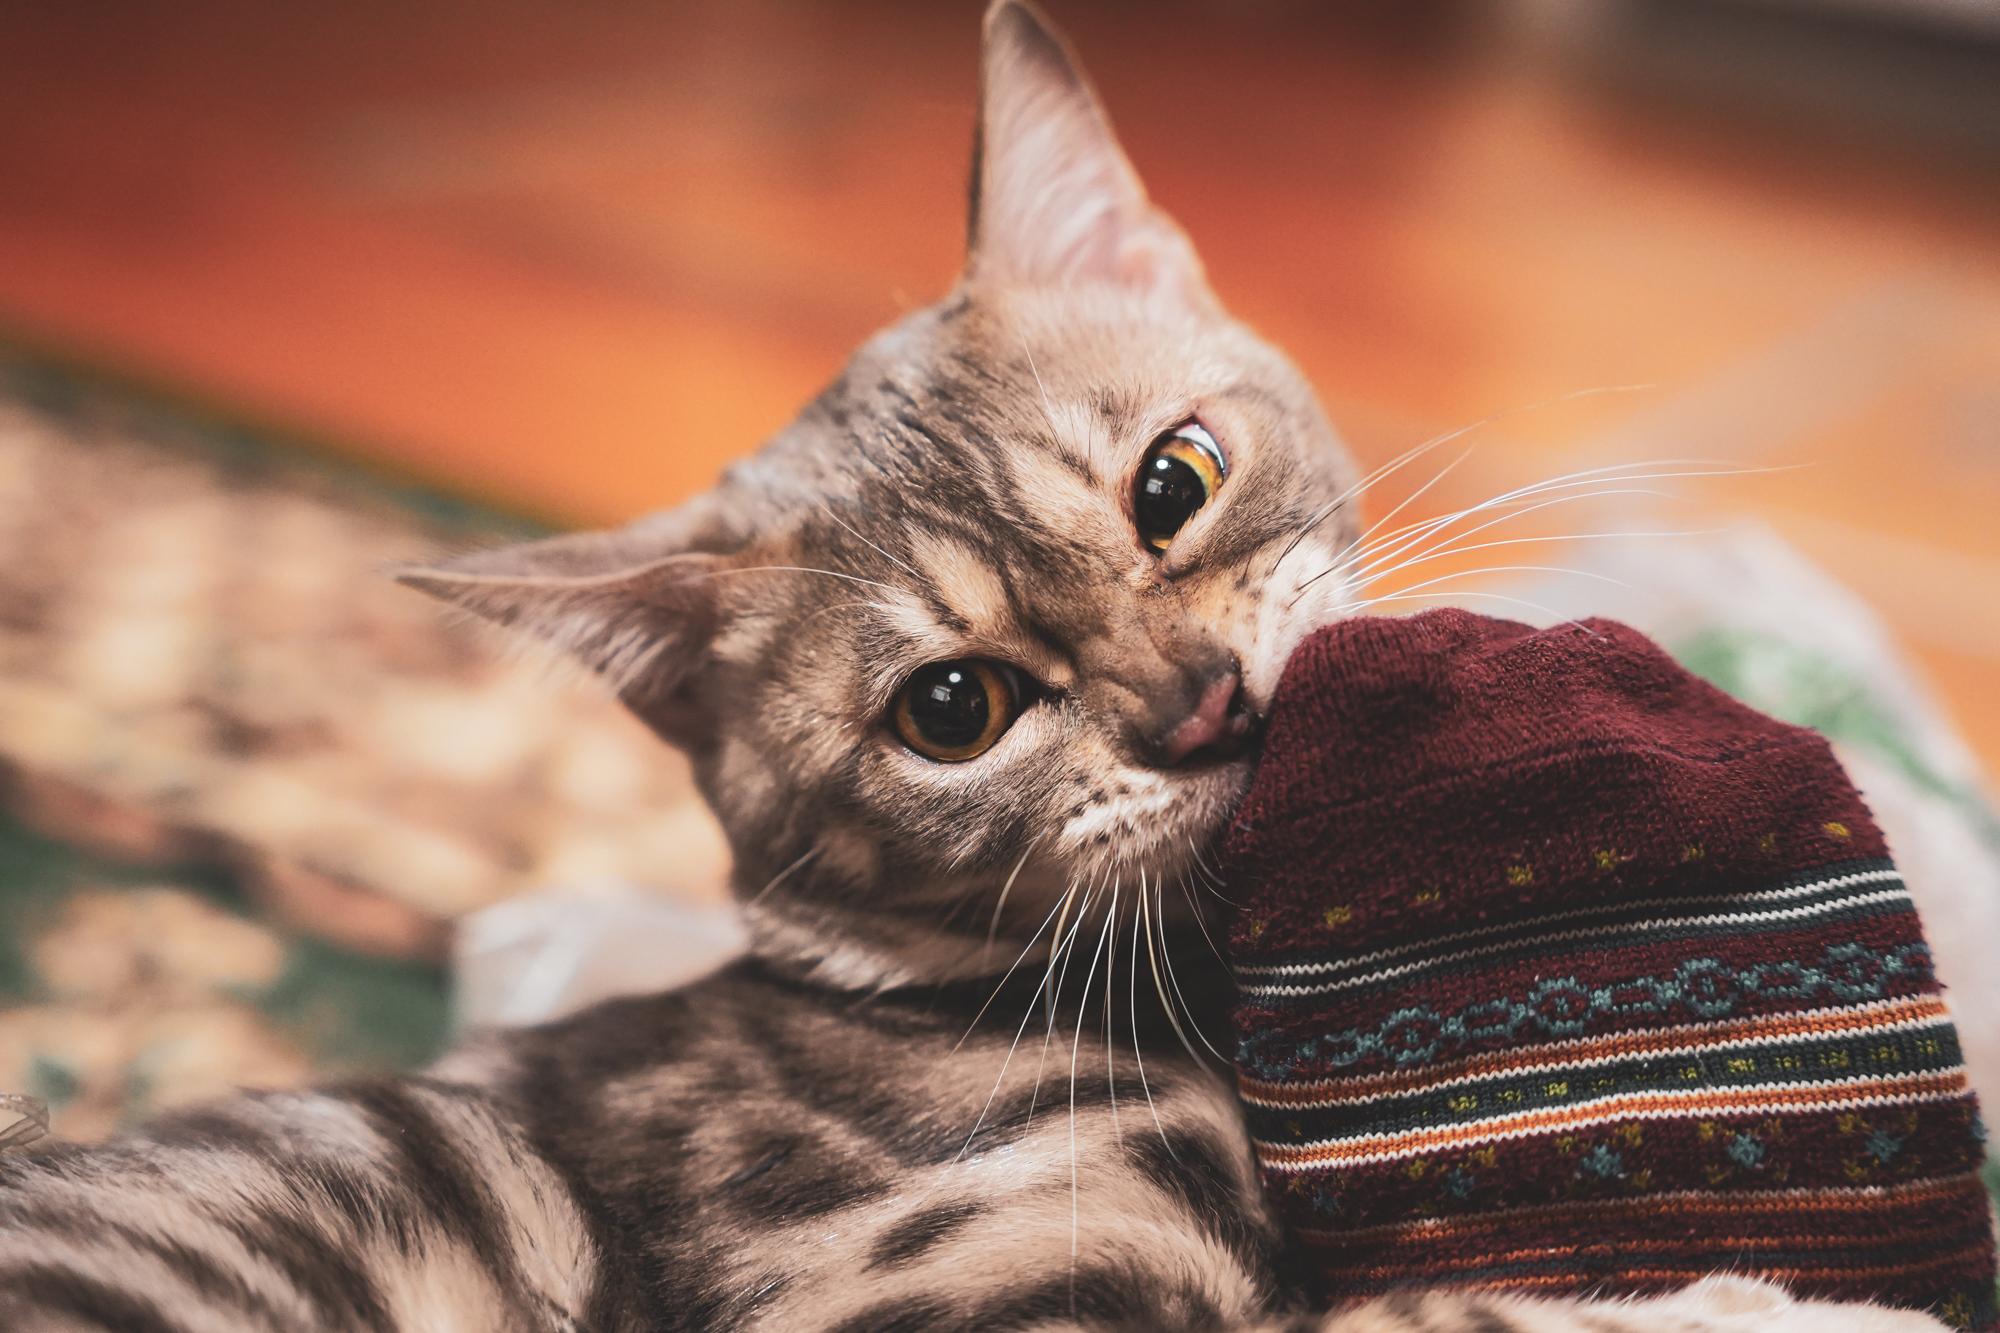 36カメラ猫写真無料ダウンロード2020.03.03